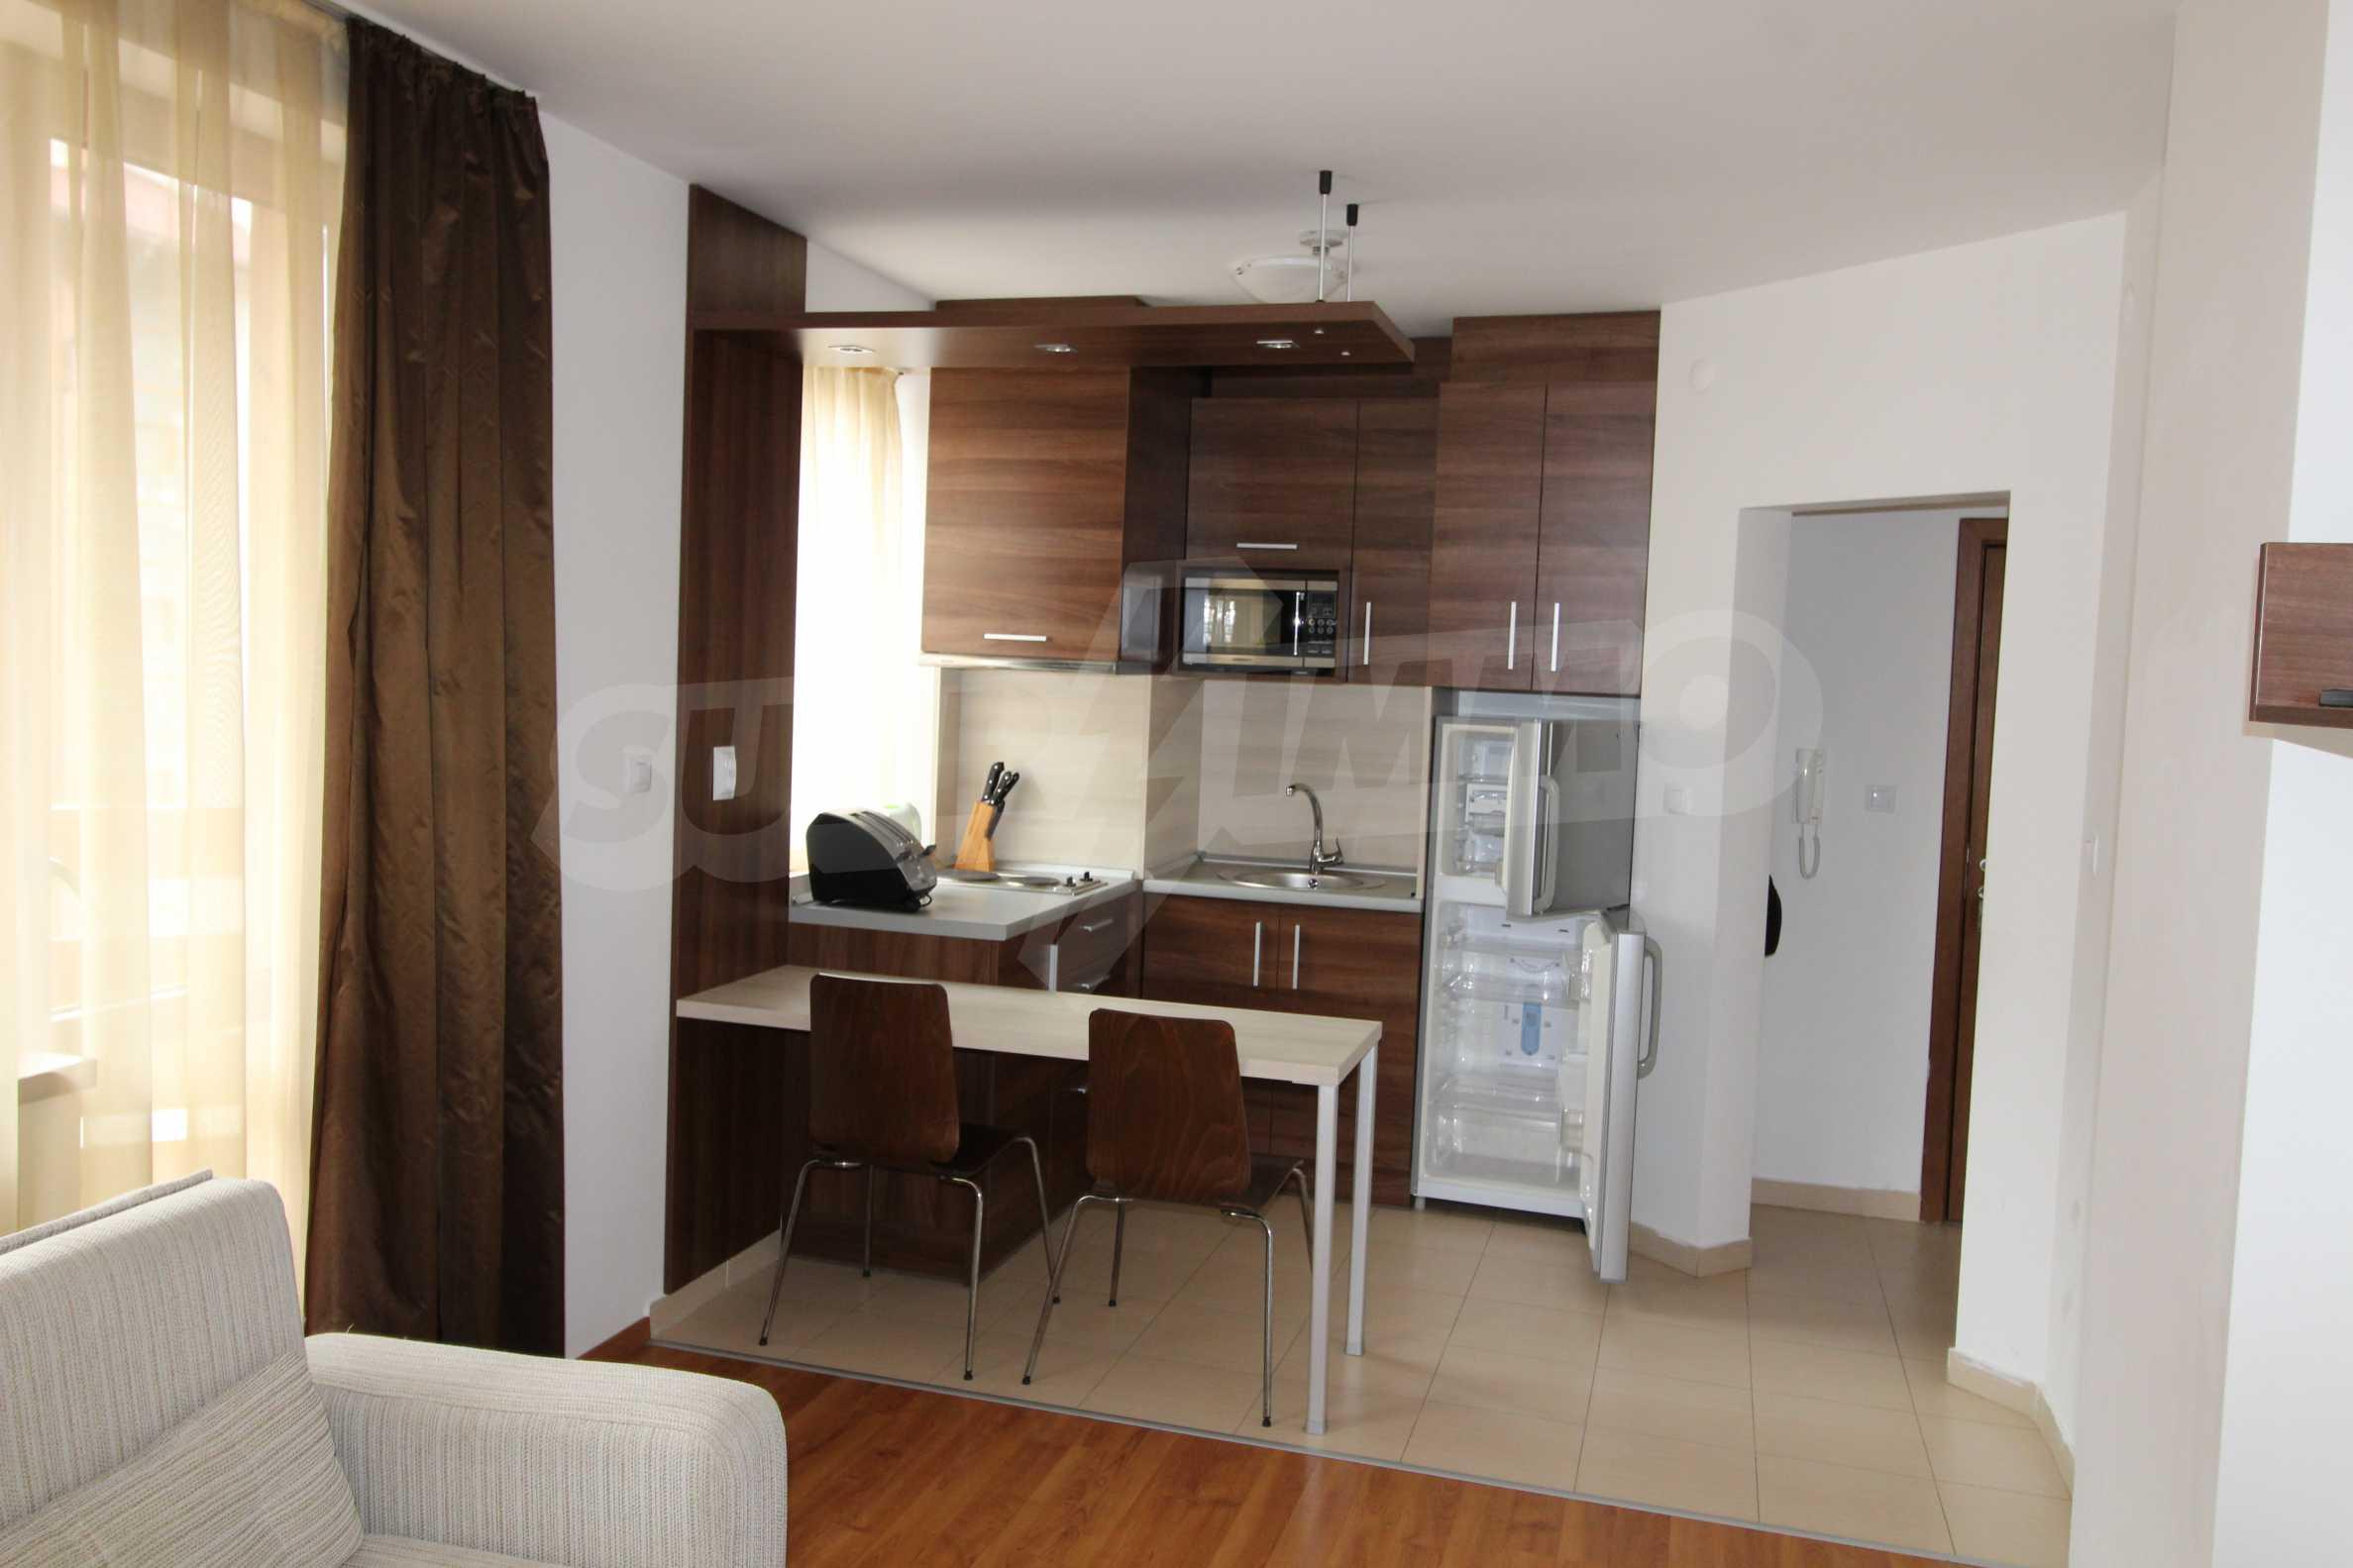 Двустаен апартамент с модерно обзавеждане в Банско 2